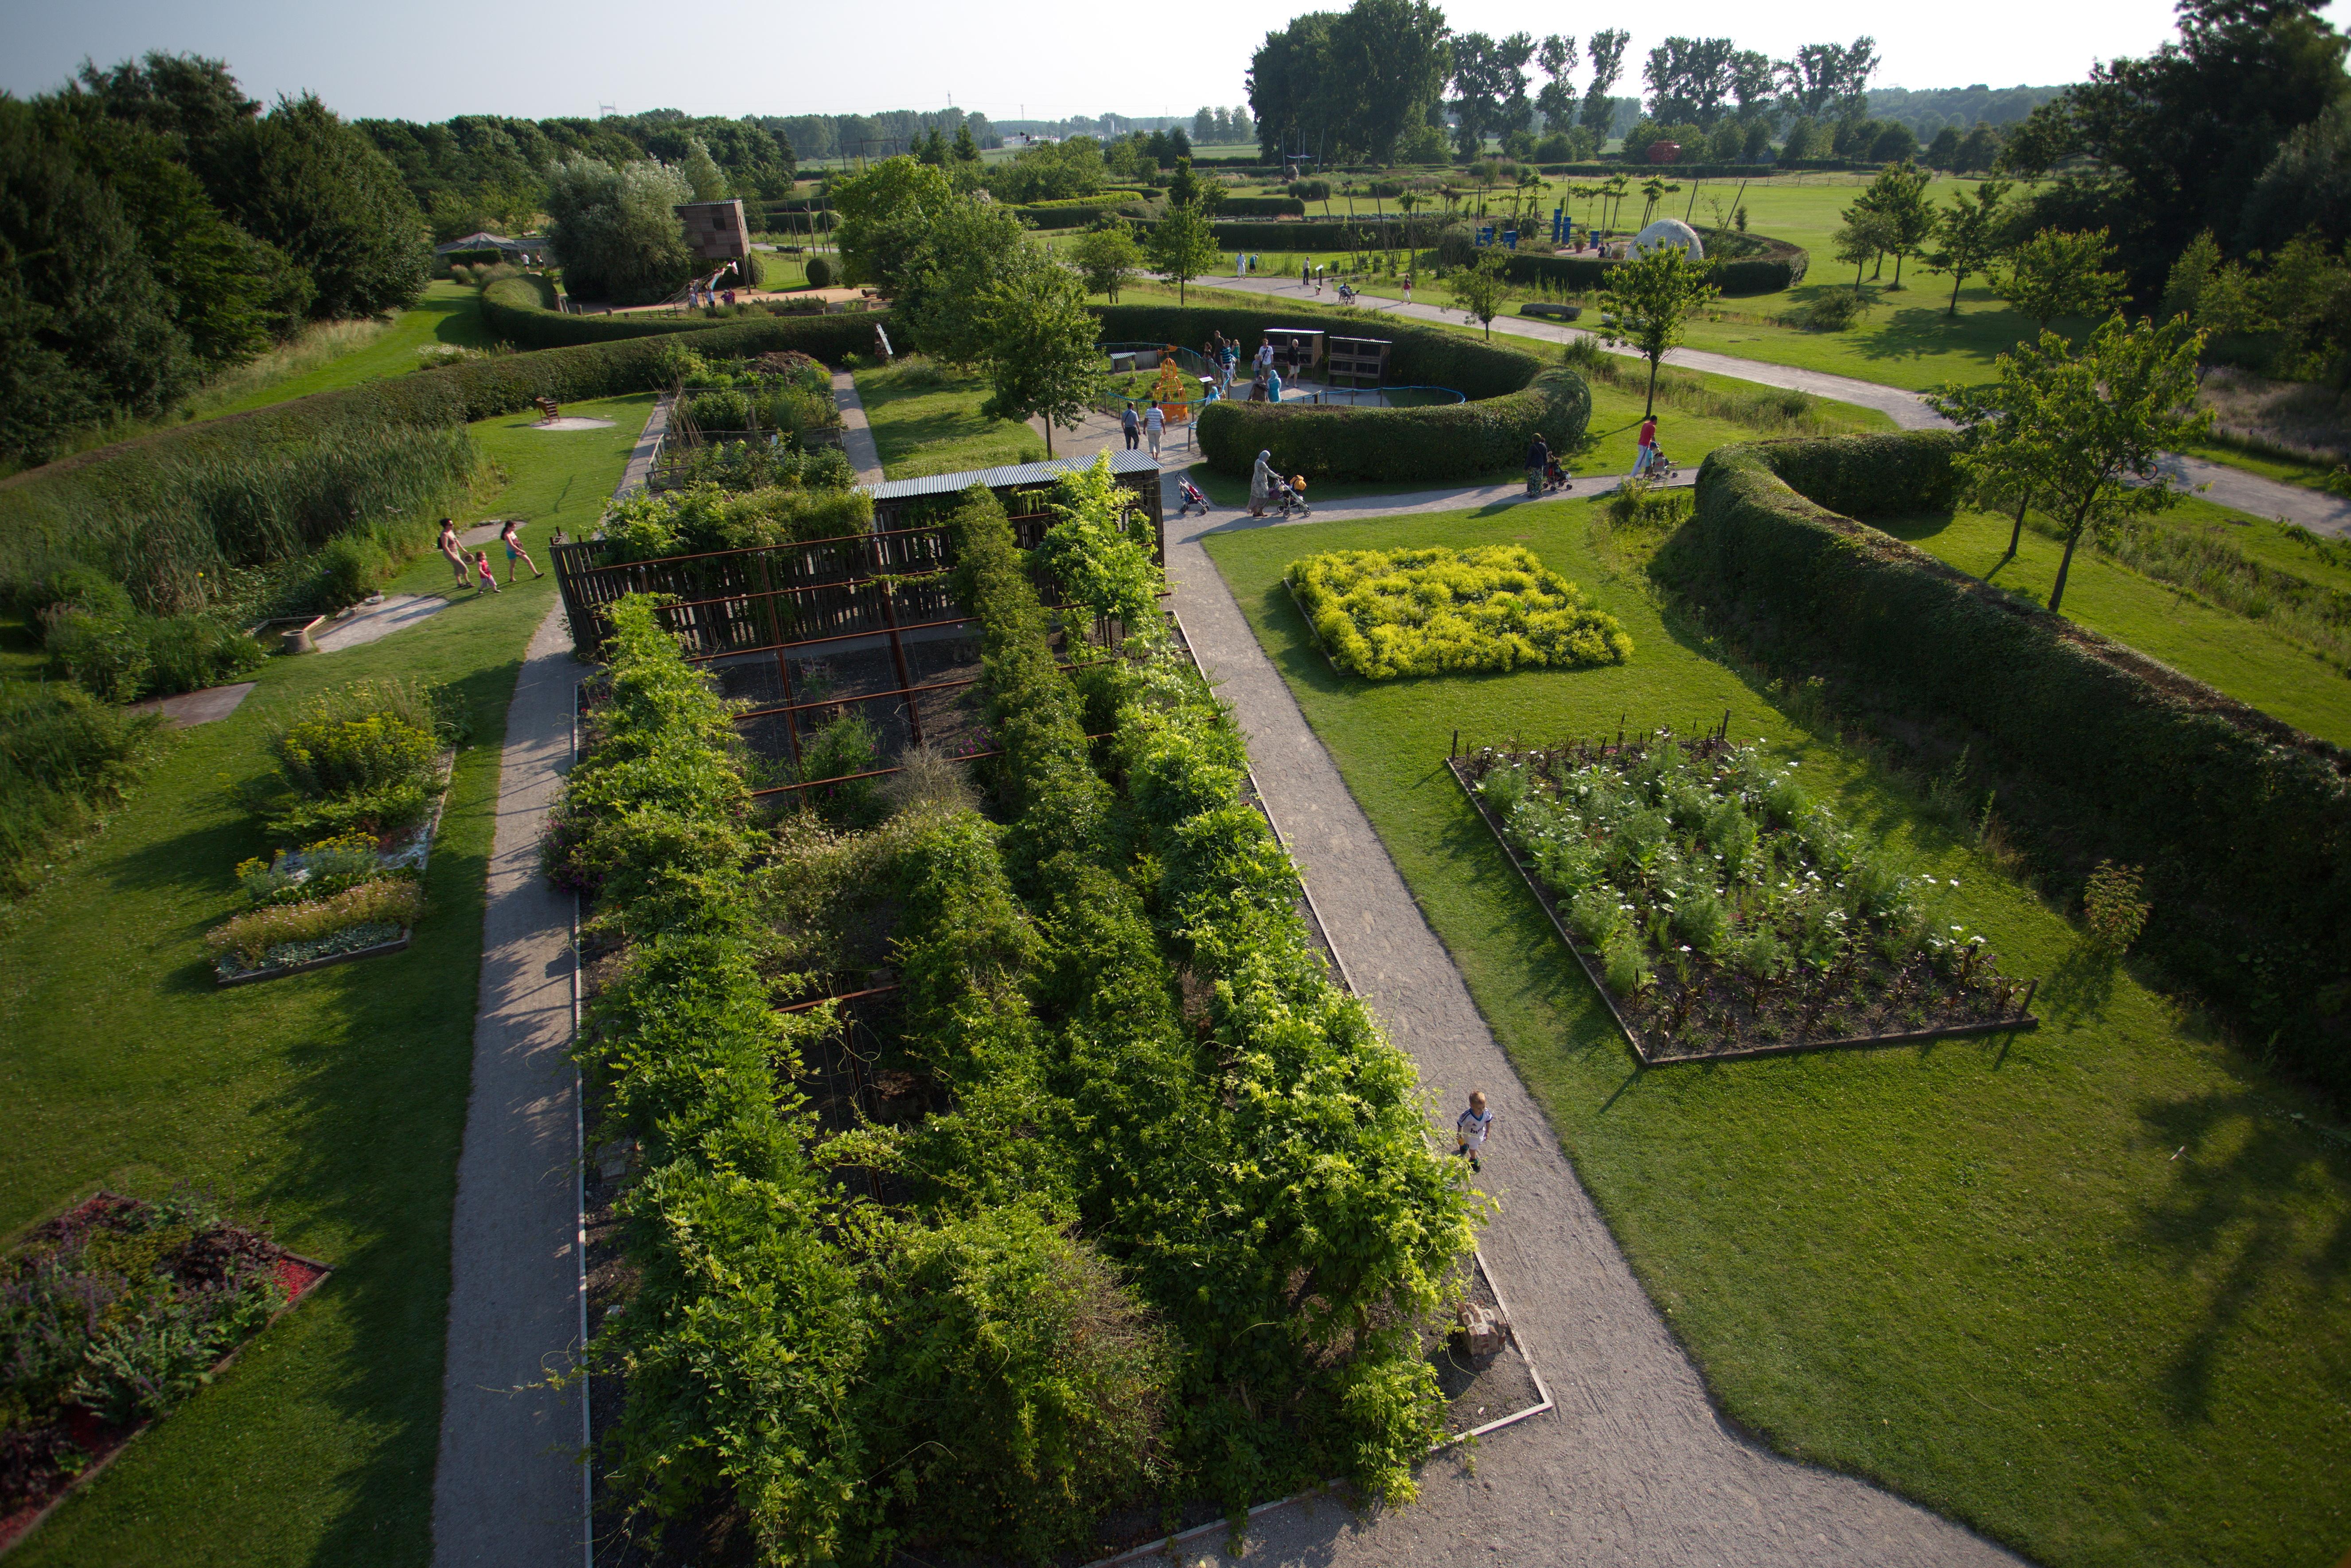 Un mois un lieu le parc mosa c - Jardins contemporains ...